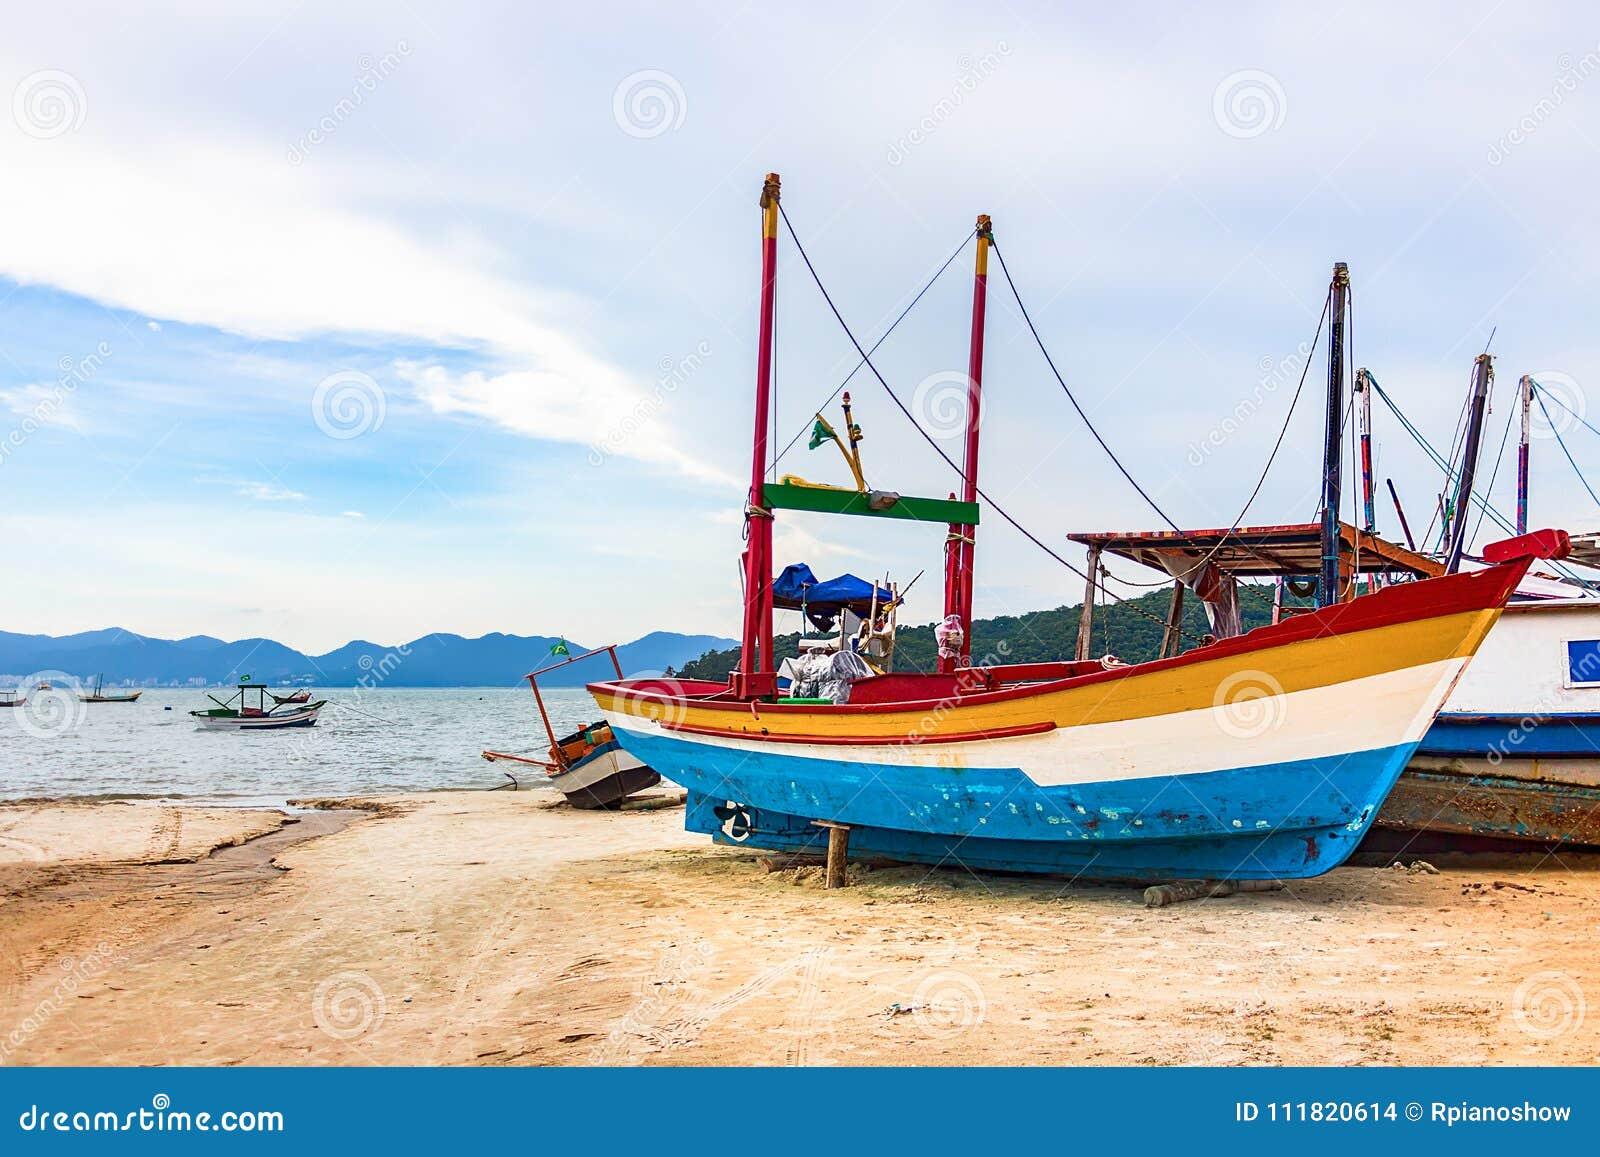 Barco de pesca de madeira colorido na praia em Porto Belo